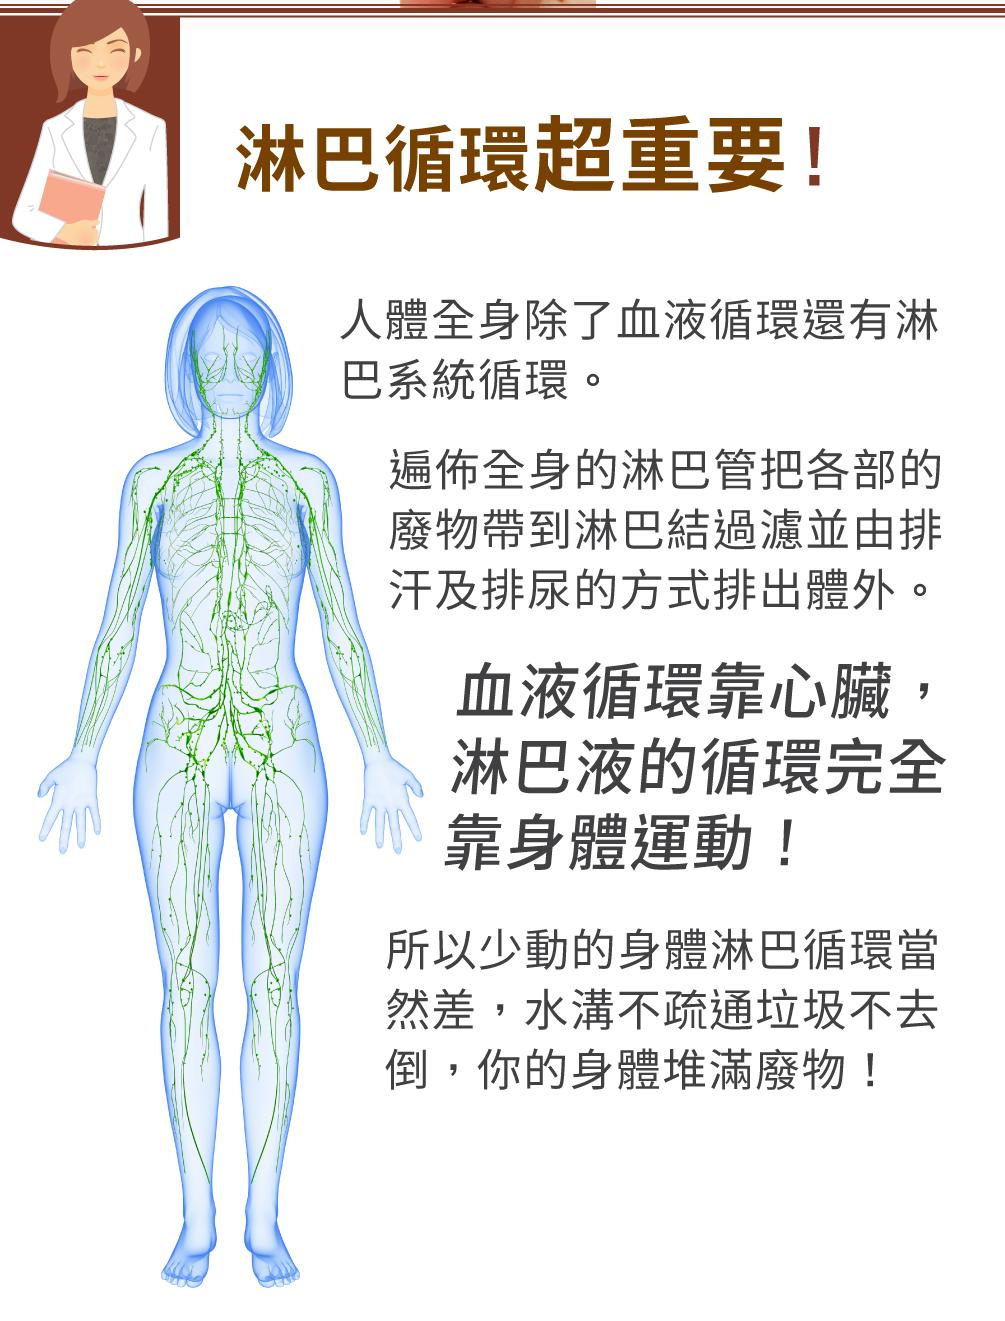 淋巴按摩全身循環好自然健康/淋巴引流複方按摩油